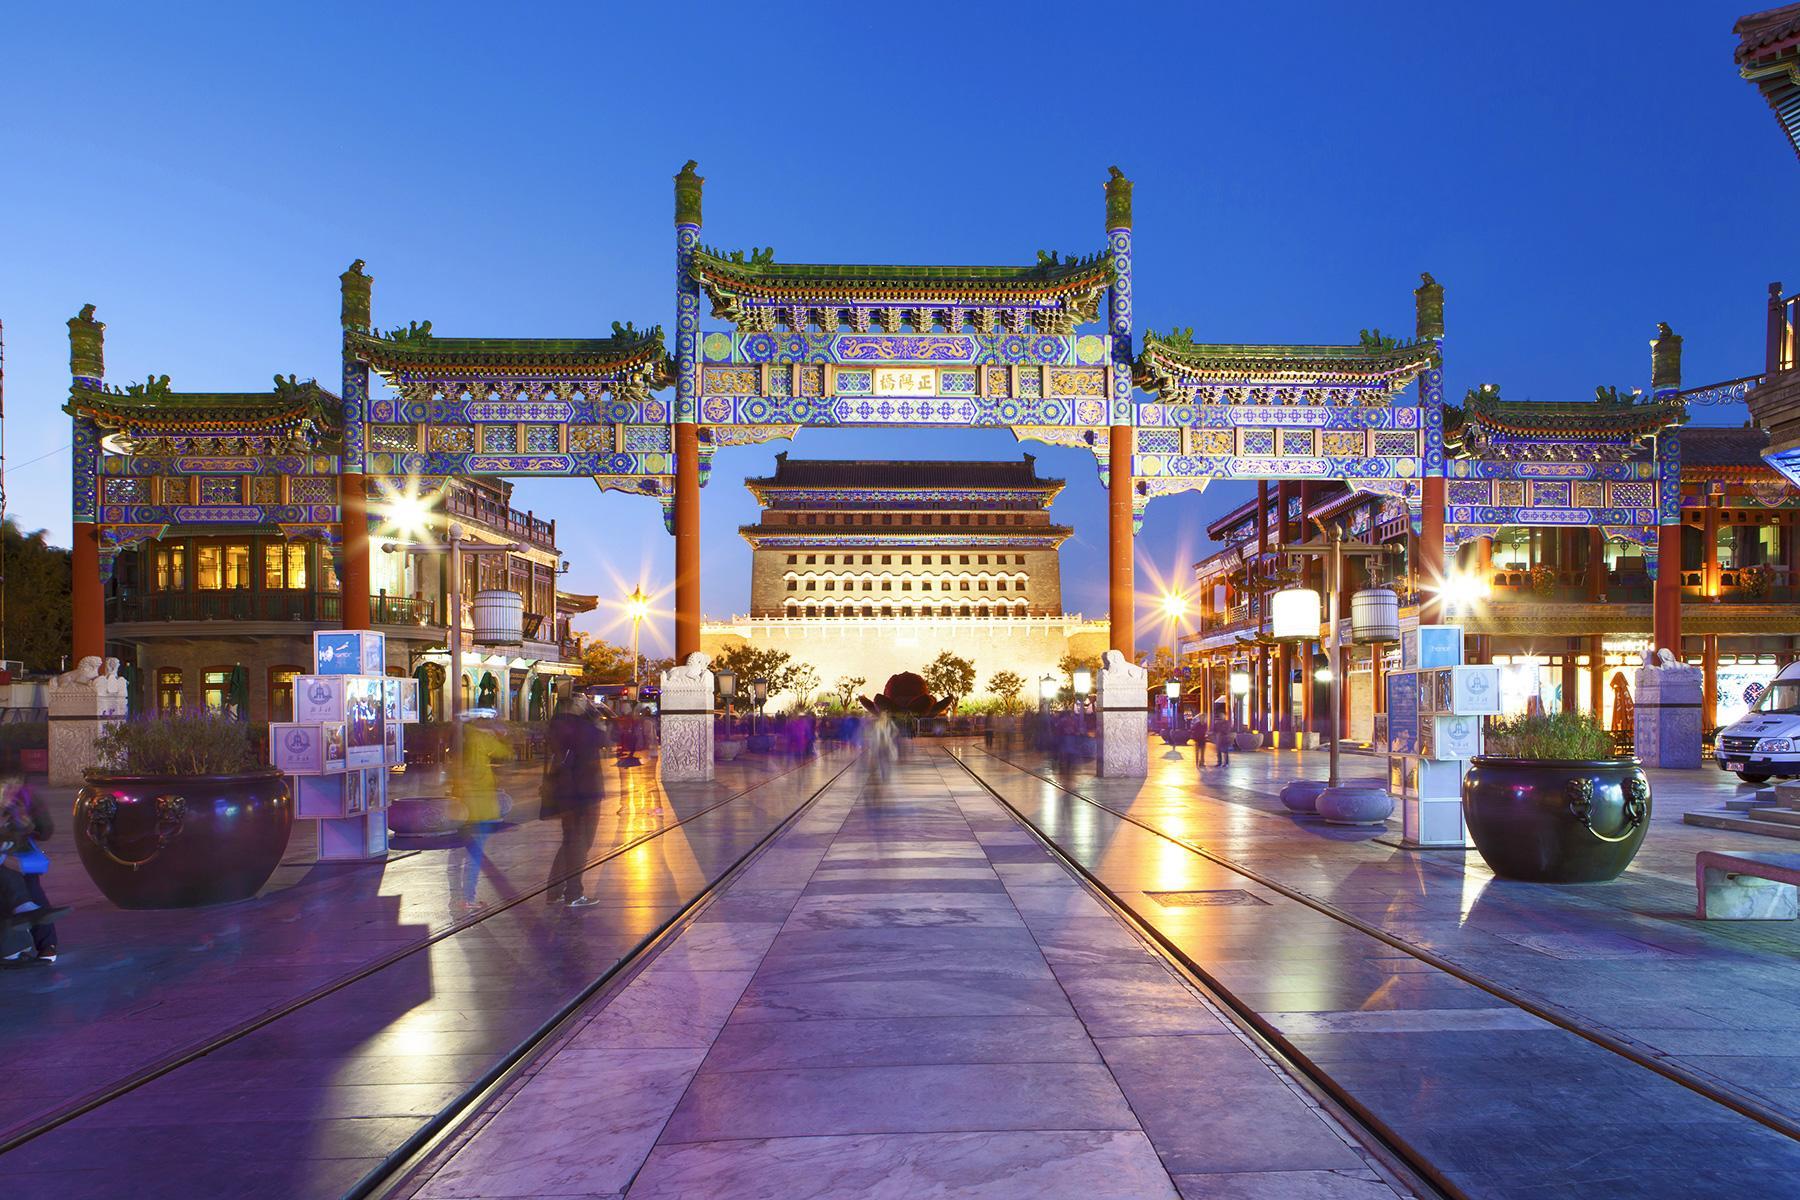 أفضل أماكن الزيارة في بكين